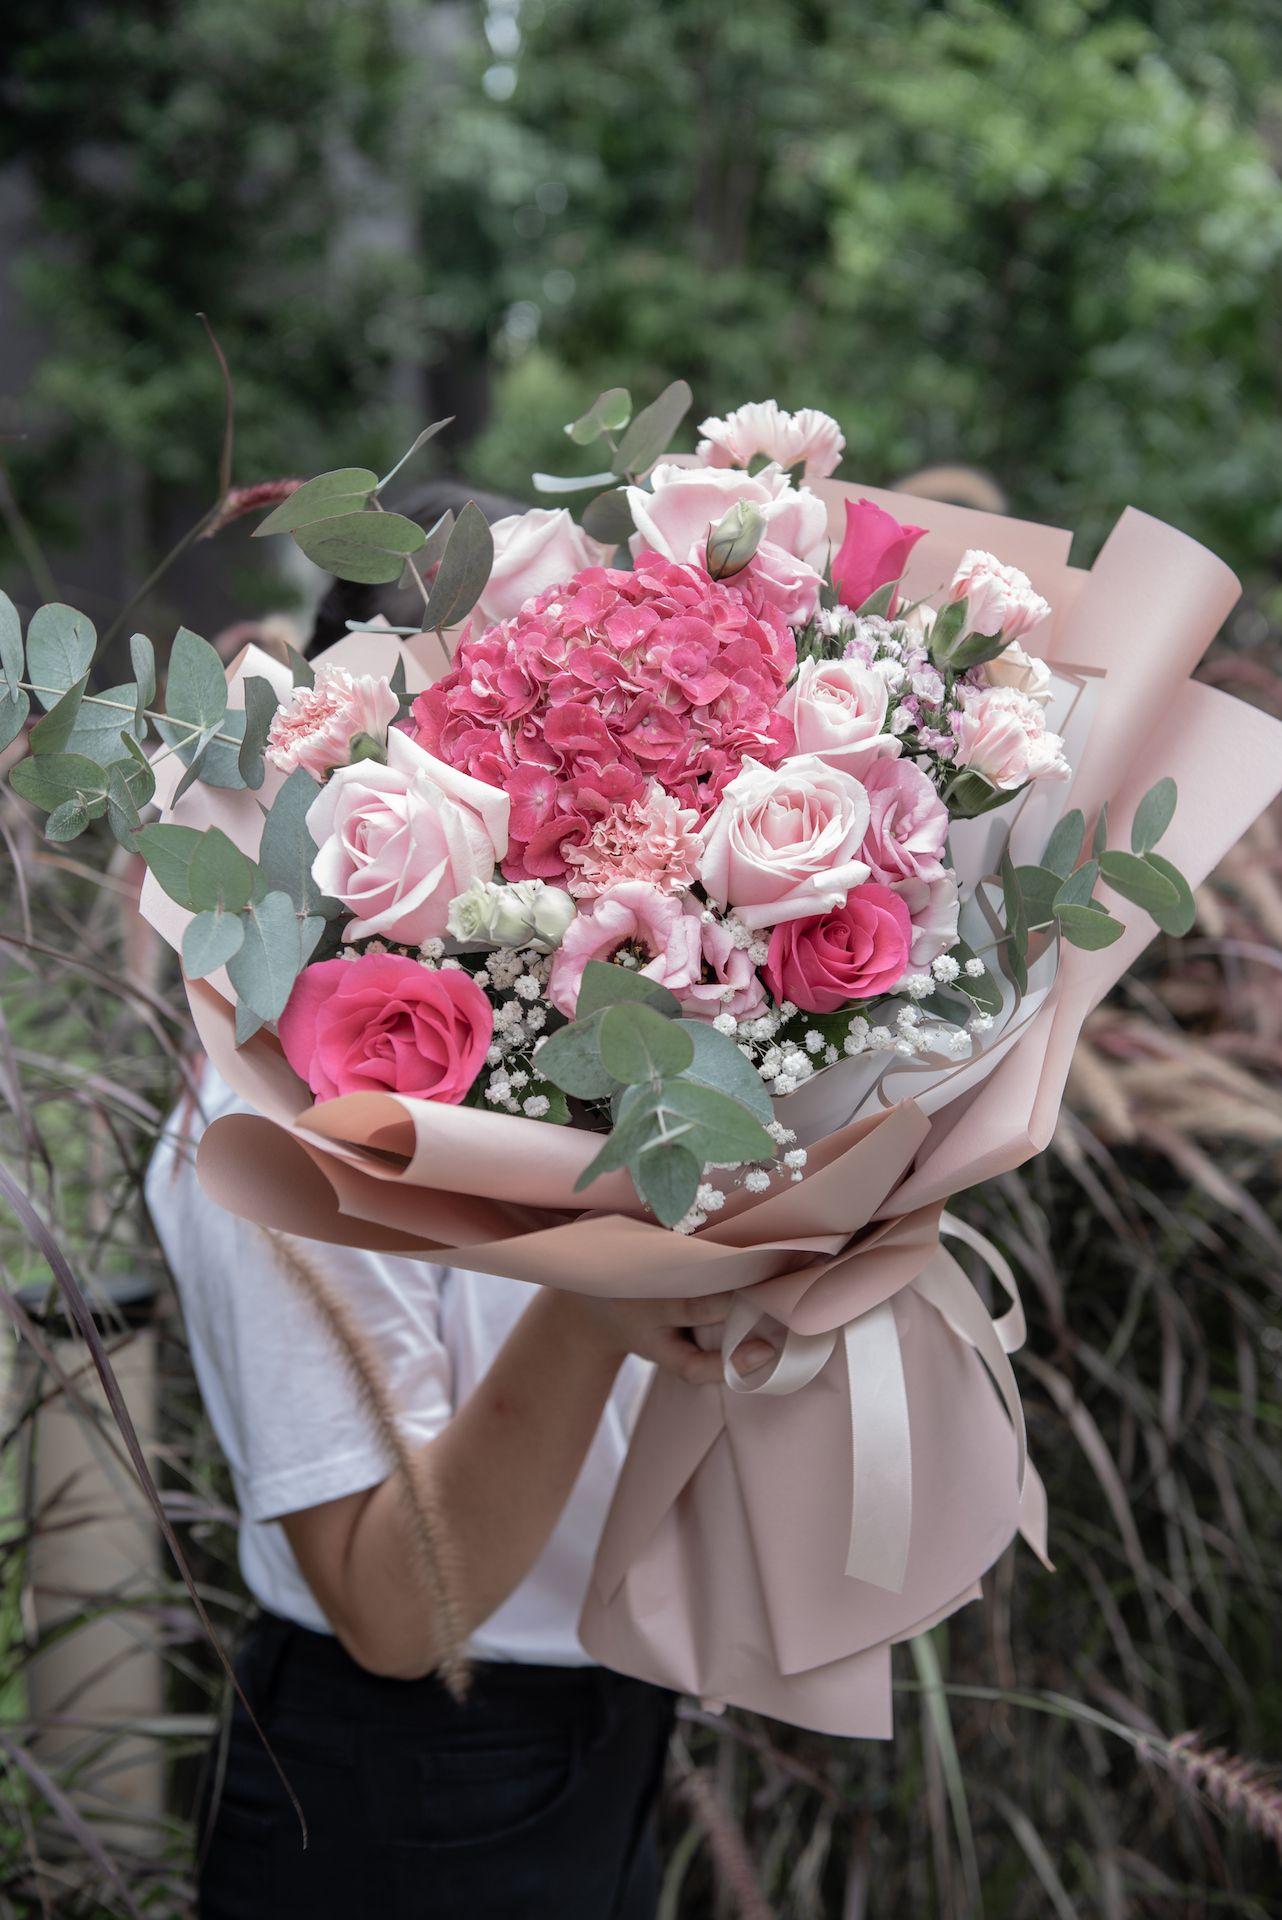 Hydrangea Roses Bouquet In 2020 Beautiful Bouquet Of Flowers Flowers Bouquet Dried Flowers